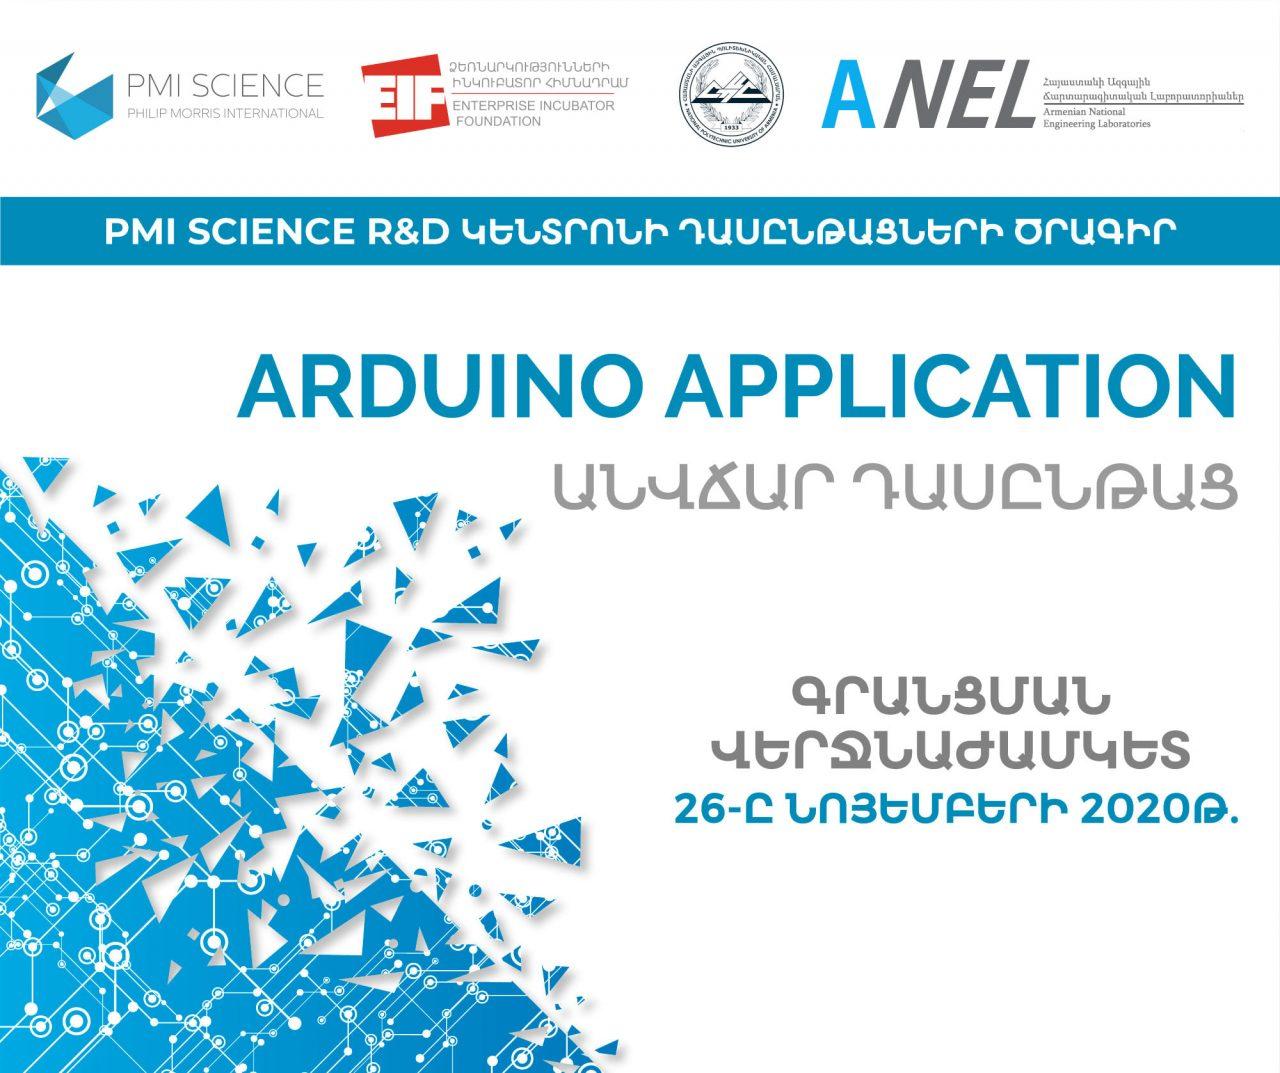 Մեկնարկել է «Arduino Application» անվճար դասընթացիհայտերի ընդունումը. վերջնաժամկետը նոյեմբերի 26-ն է